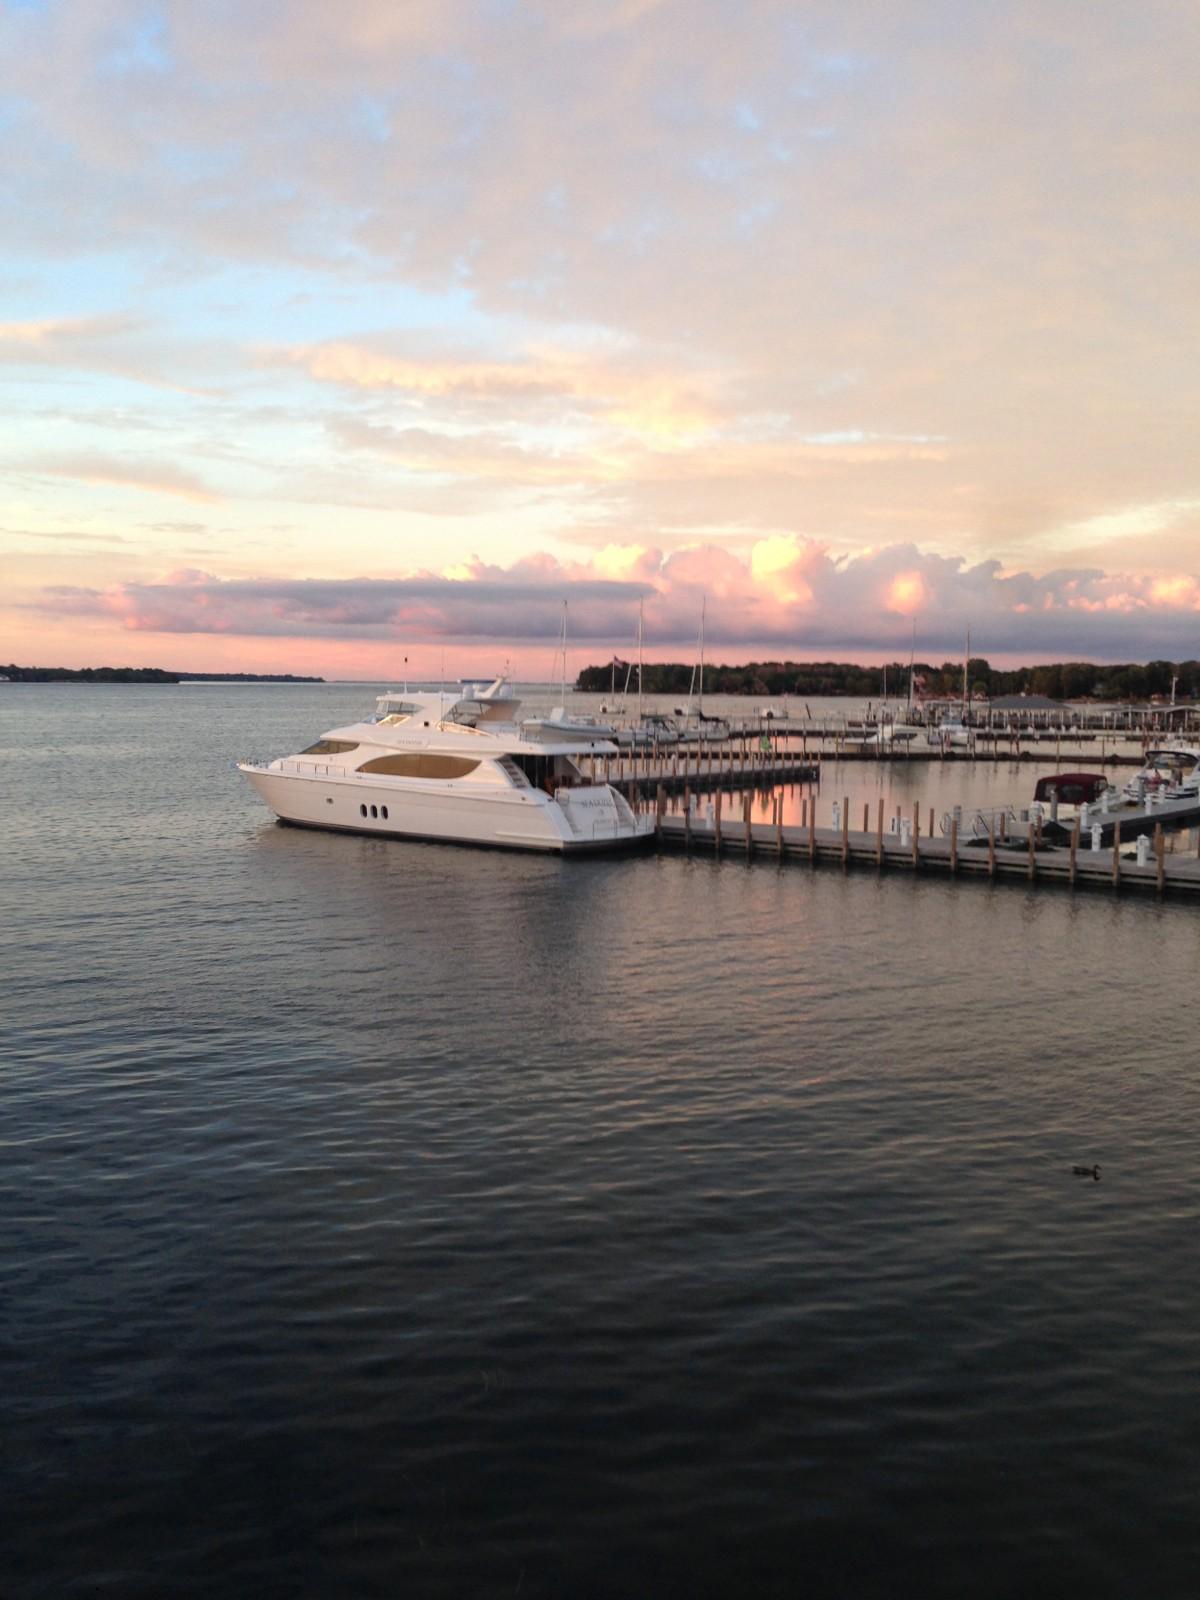 Marina and Boat at Sunset